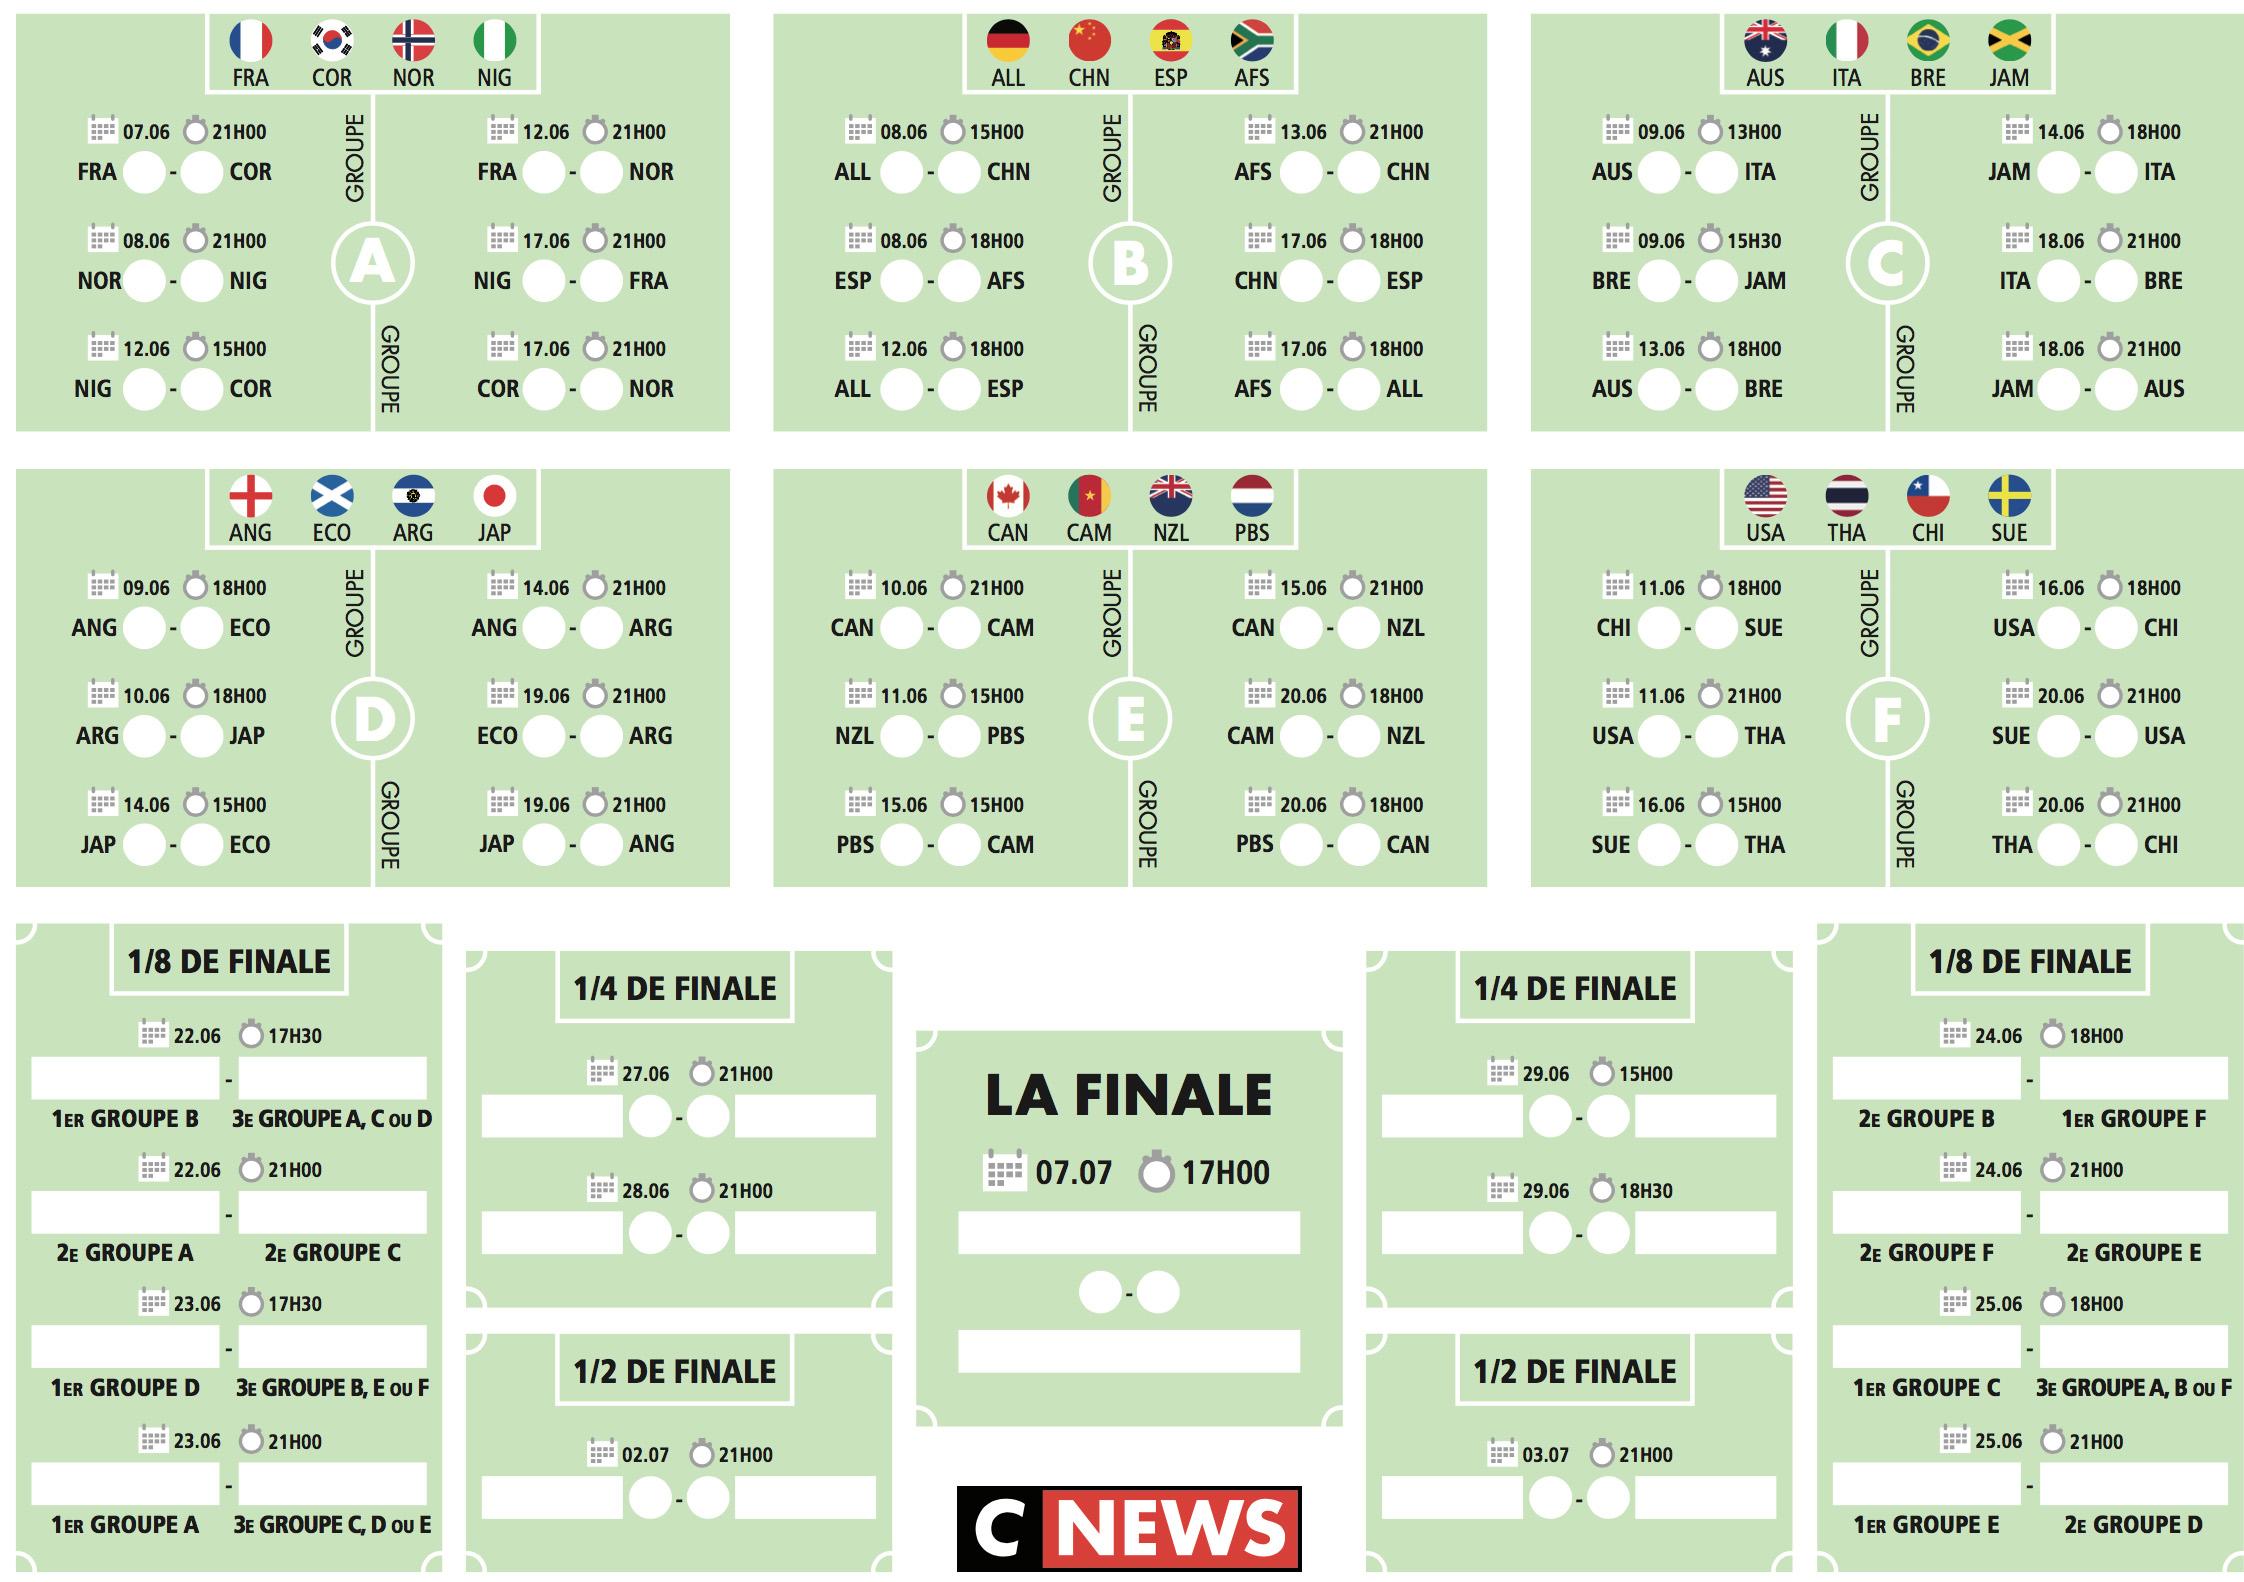 Calendrier Fifa Coupe Du Monde 2020.Telechargez Le Calendrier De La Coupe Du Monde Feminine De